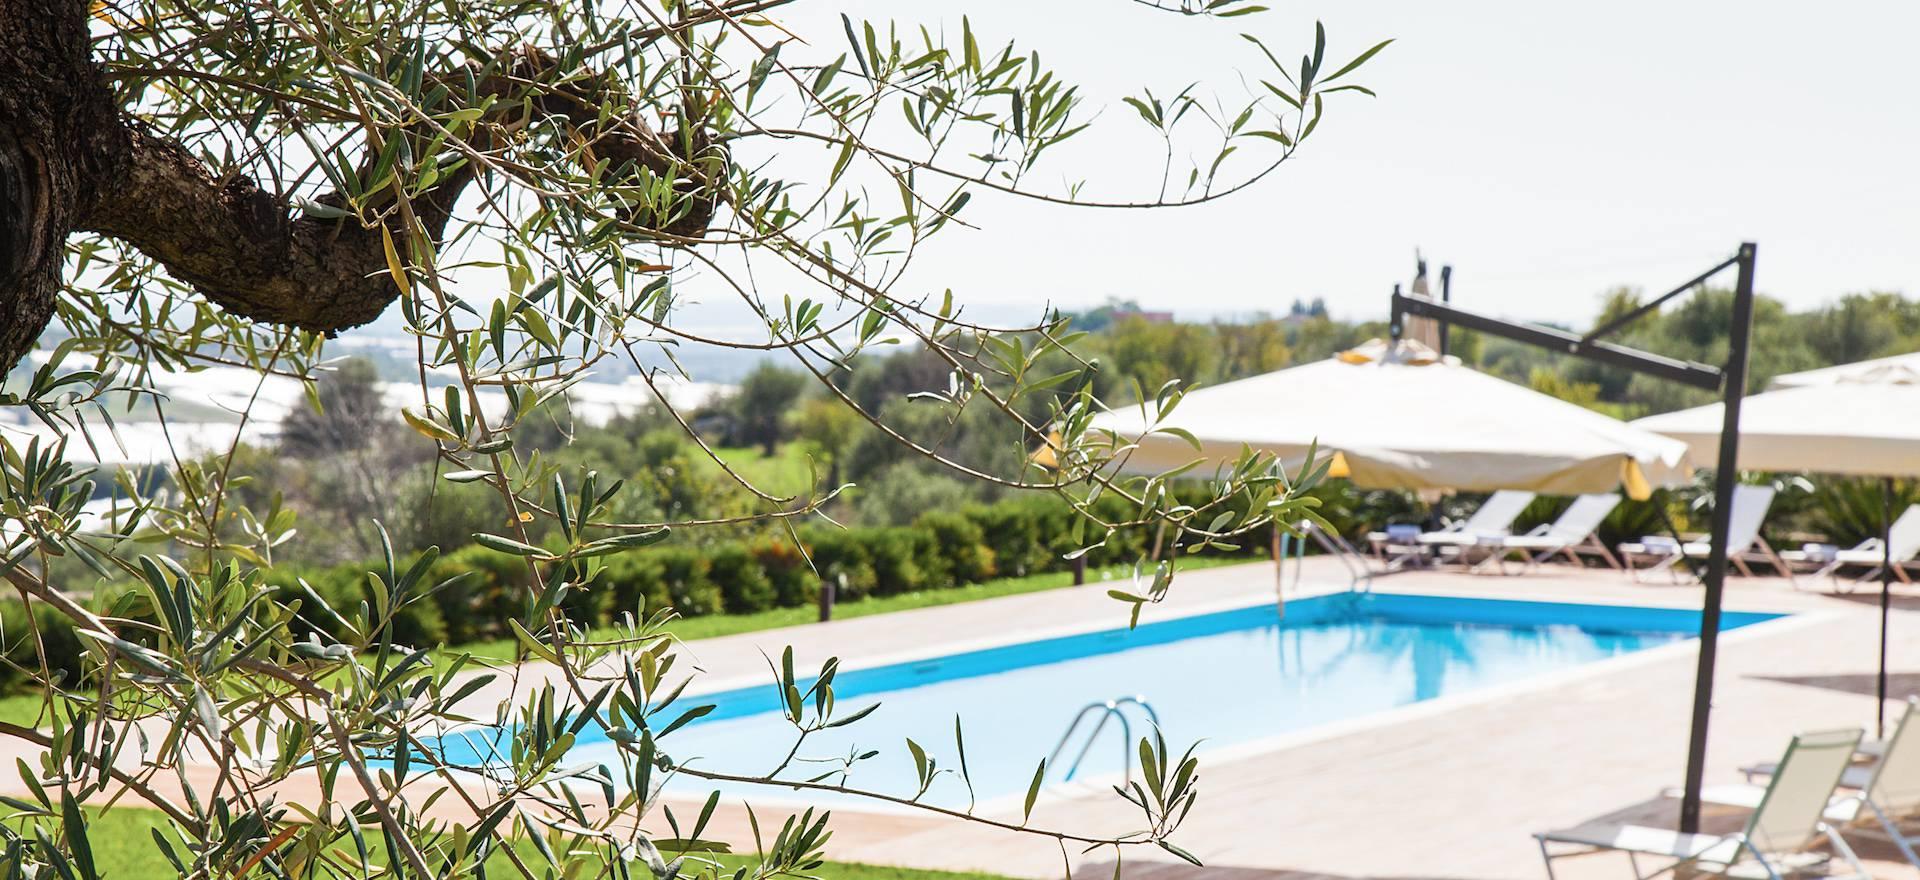 Agriturismo Sicilie Agriturismo met grote appartementen op Sicilië